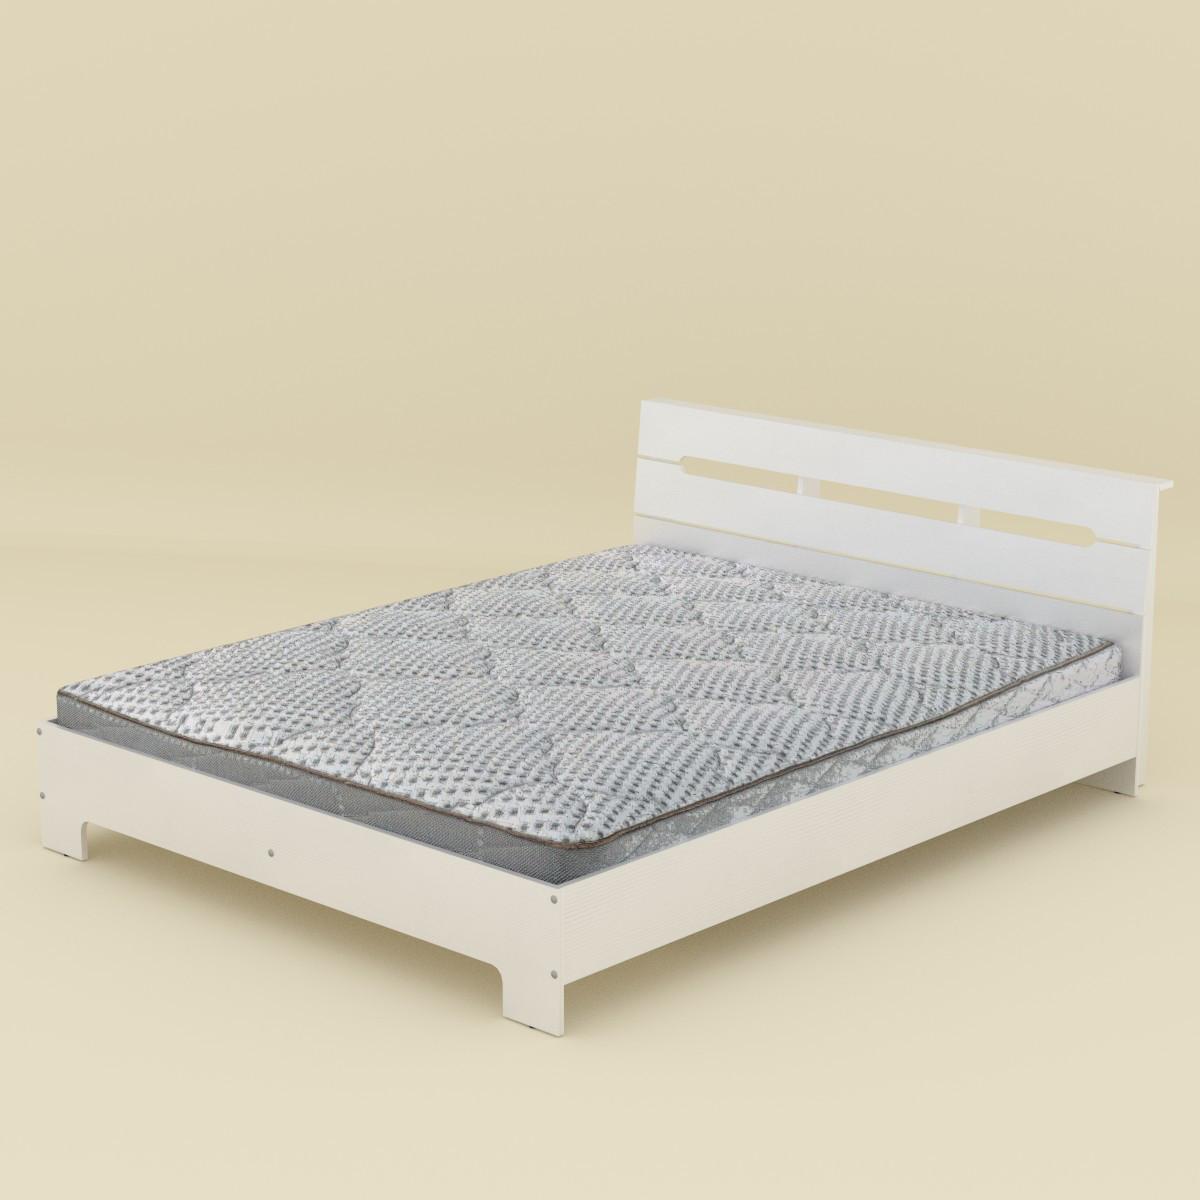 Кровать 160 Стиль белый Компанит (164х213х77 см)